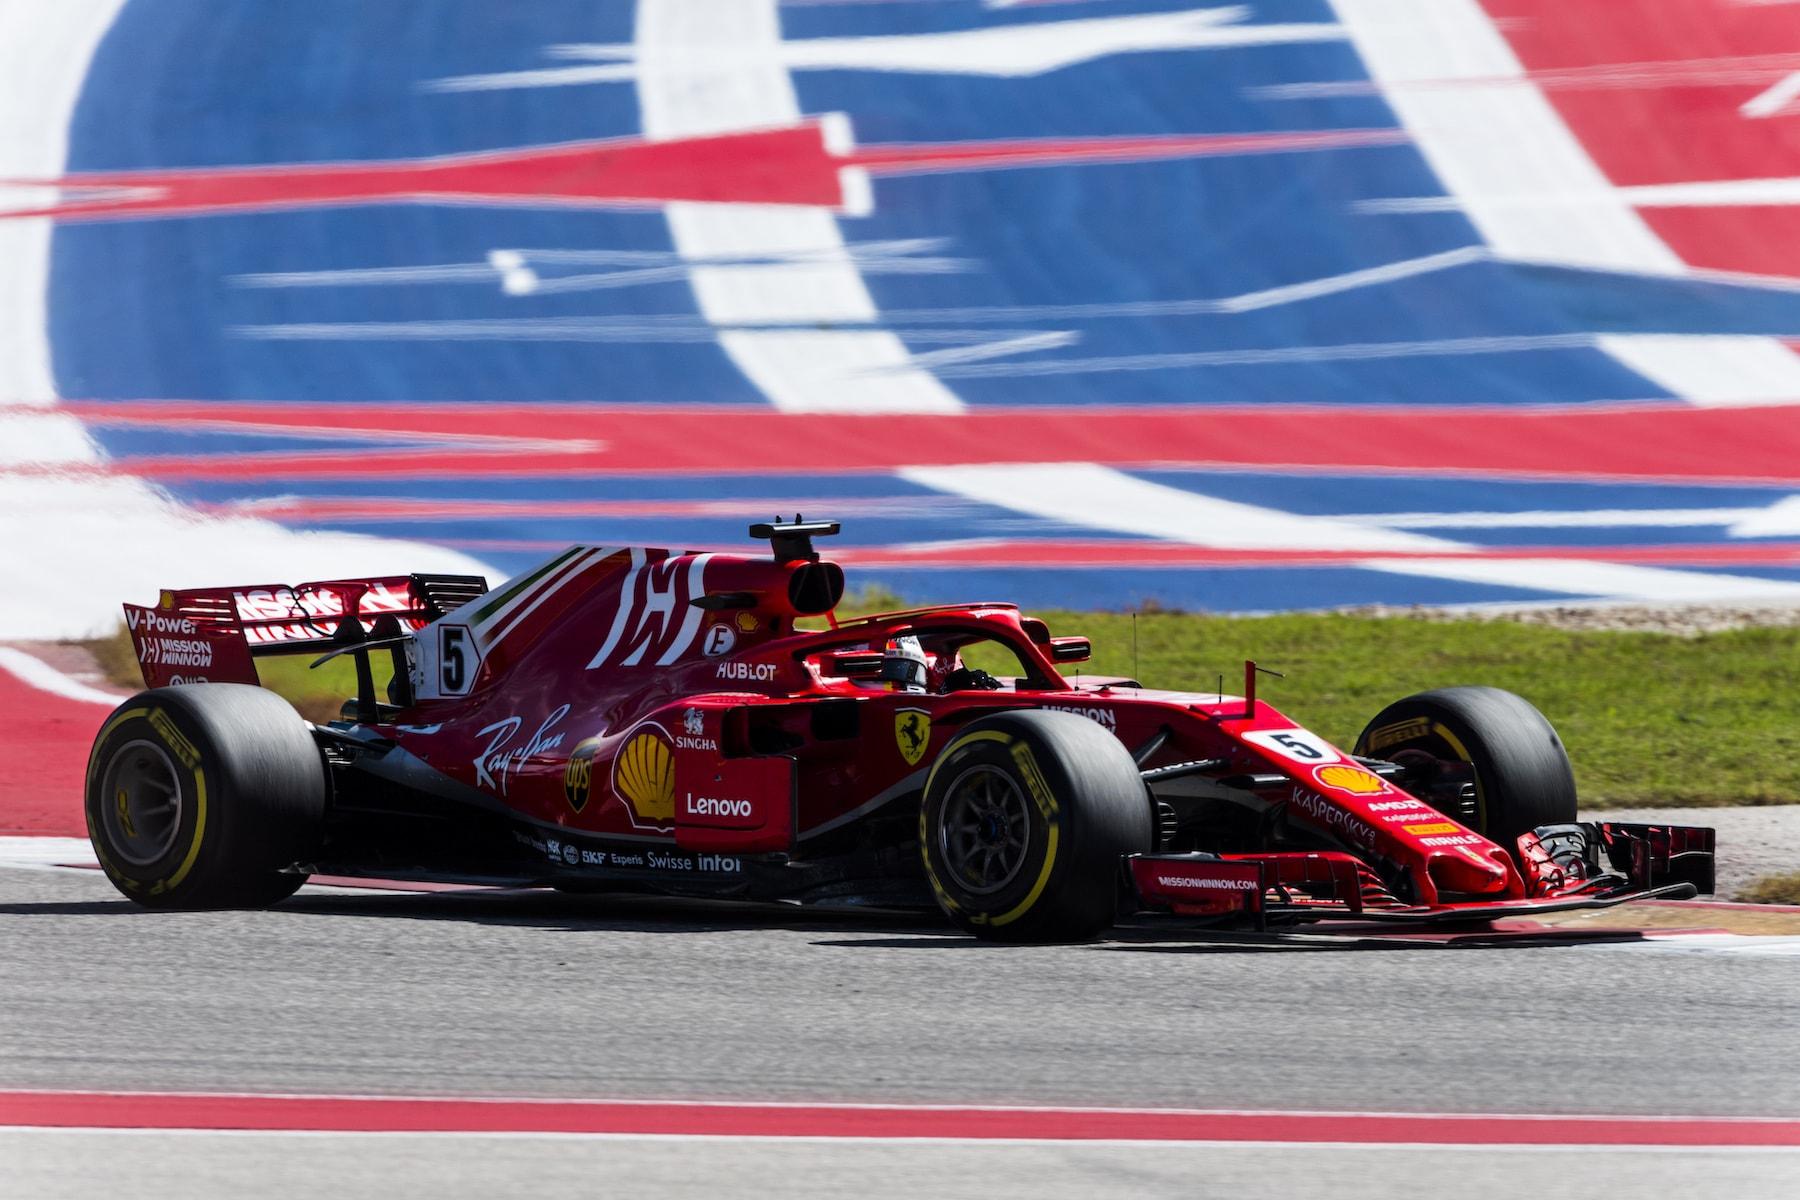 H 2018 Sebastian Vettel | Ferrari SF71H | 2018 USGP P4 3 copy.jpg